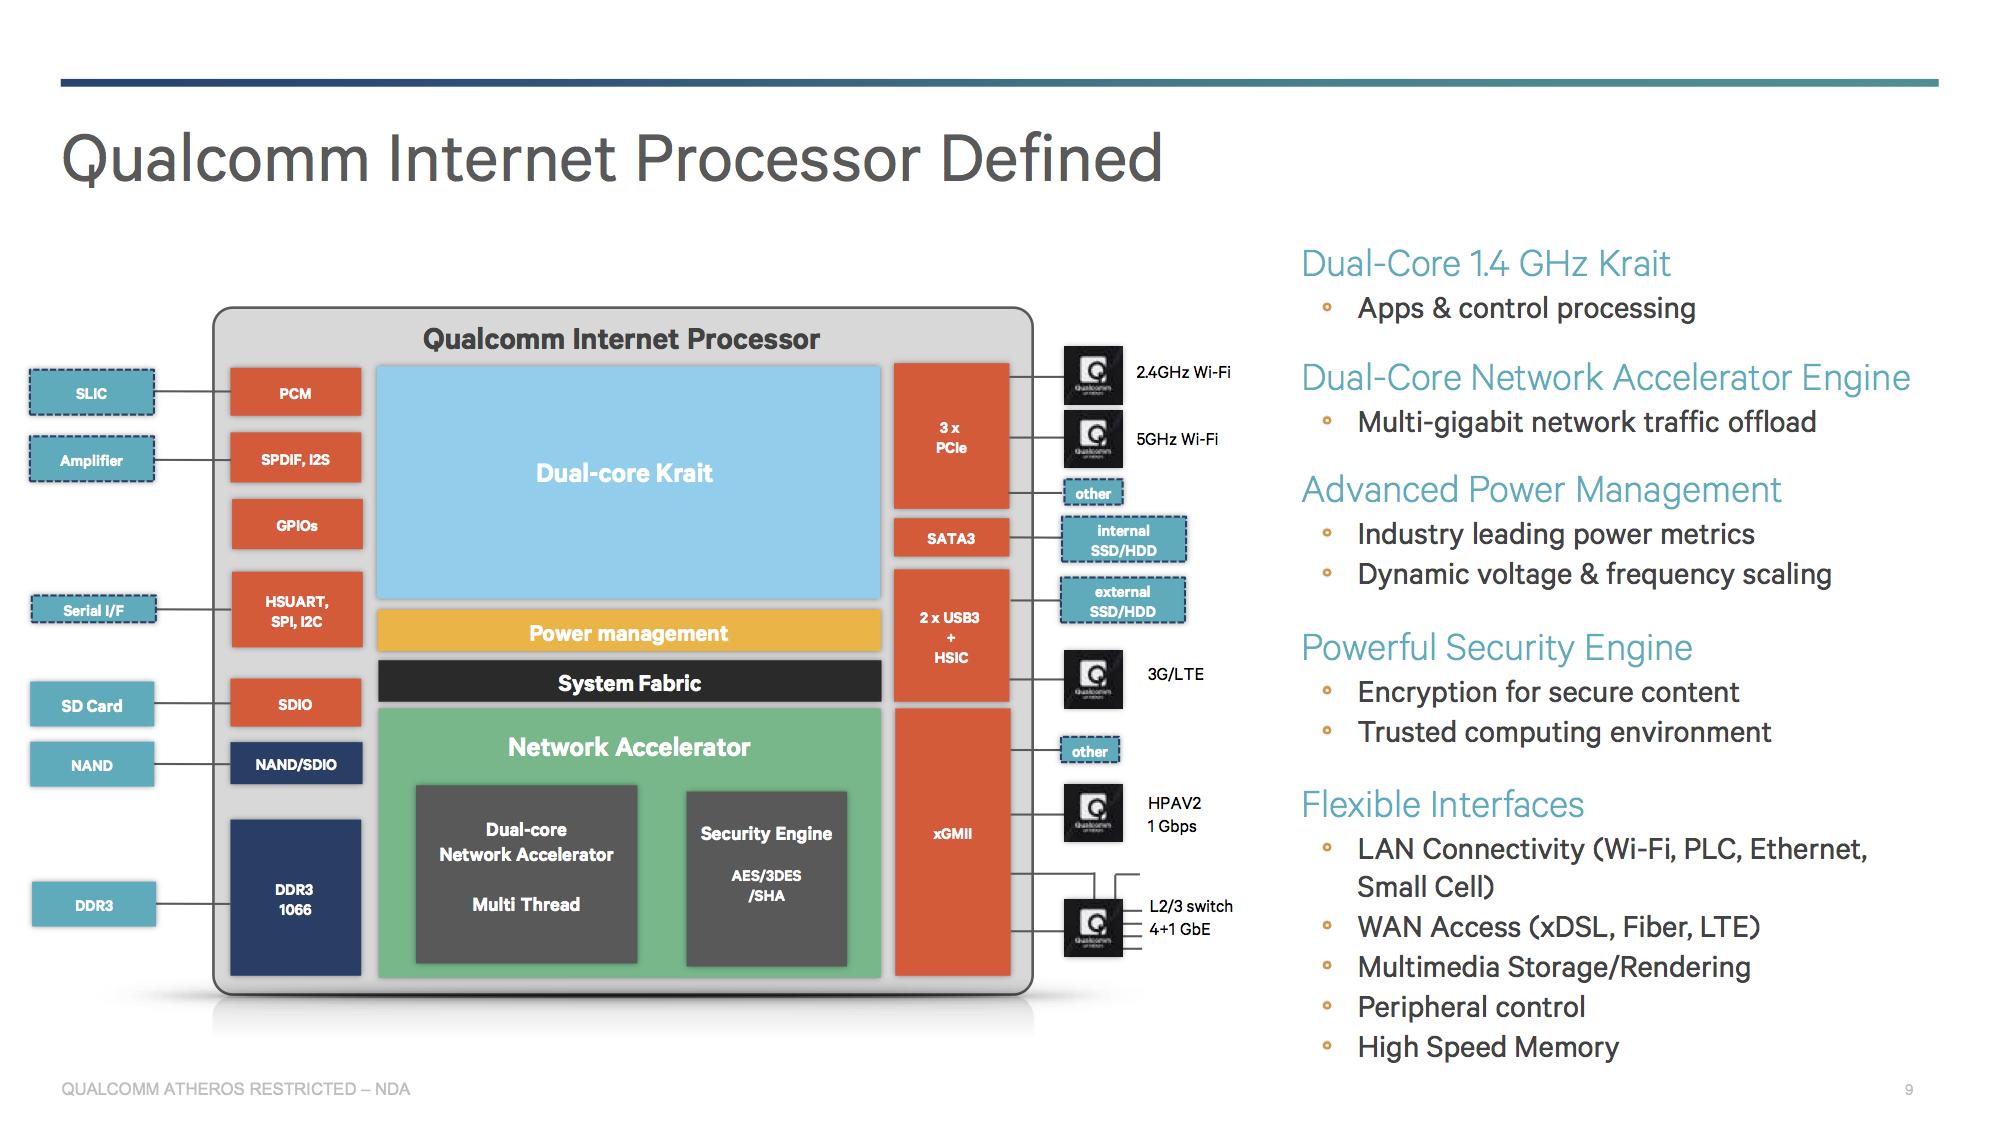 IPQ8064 структура процессора